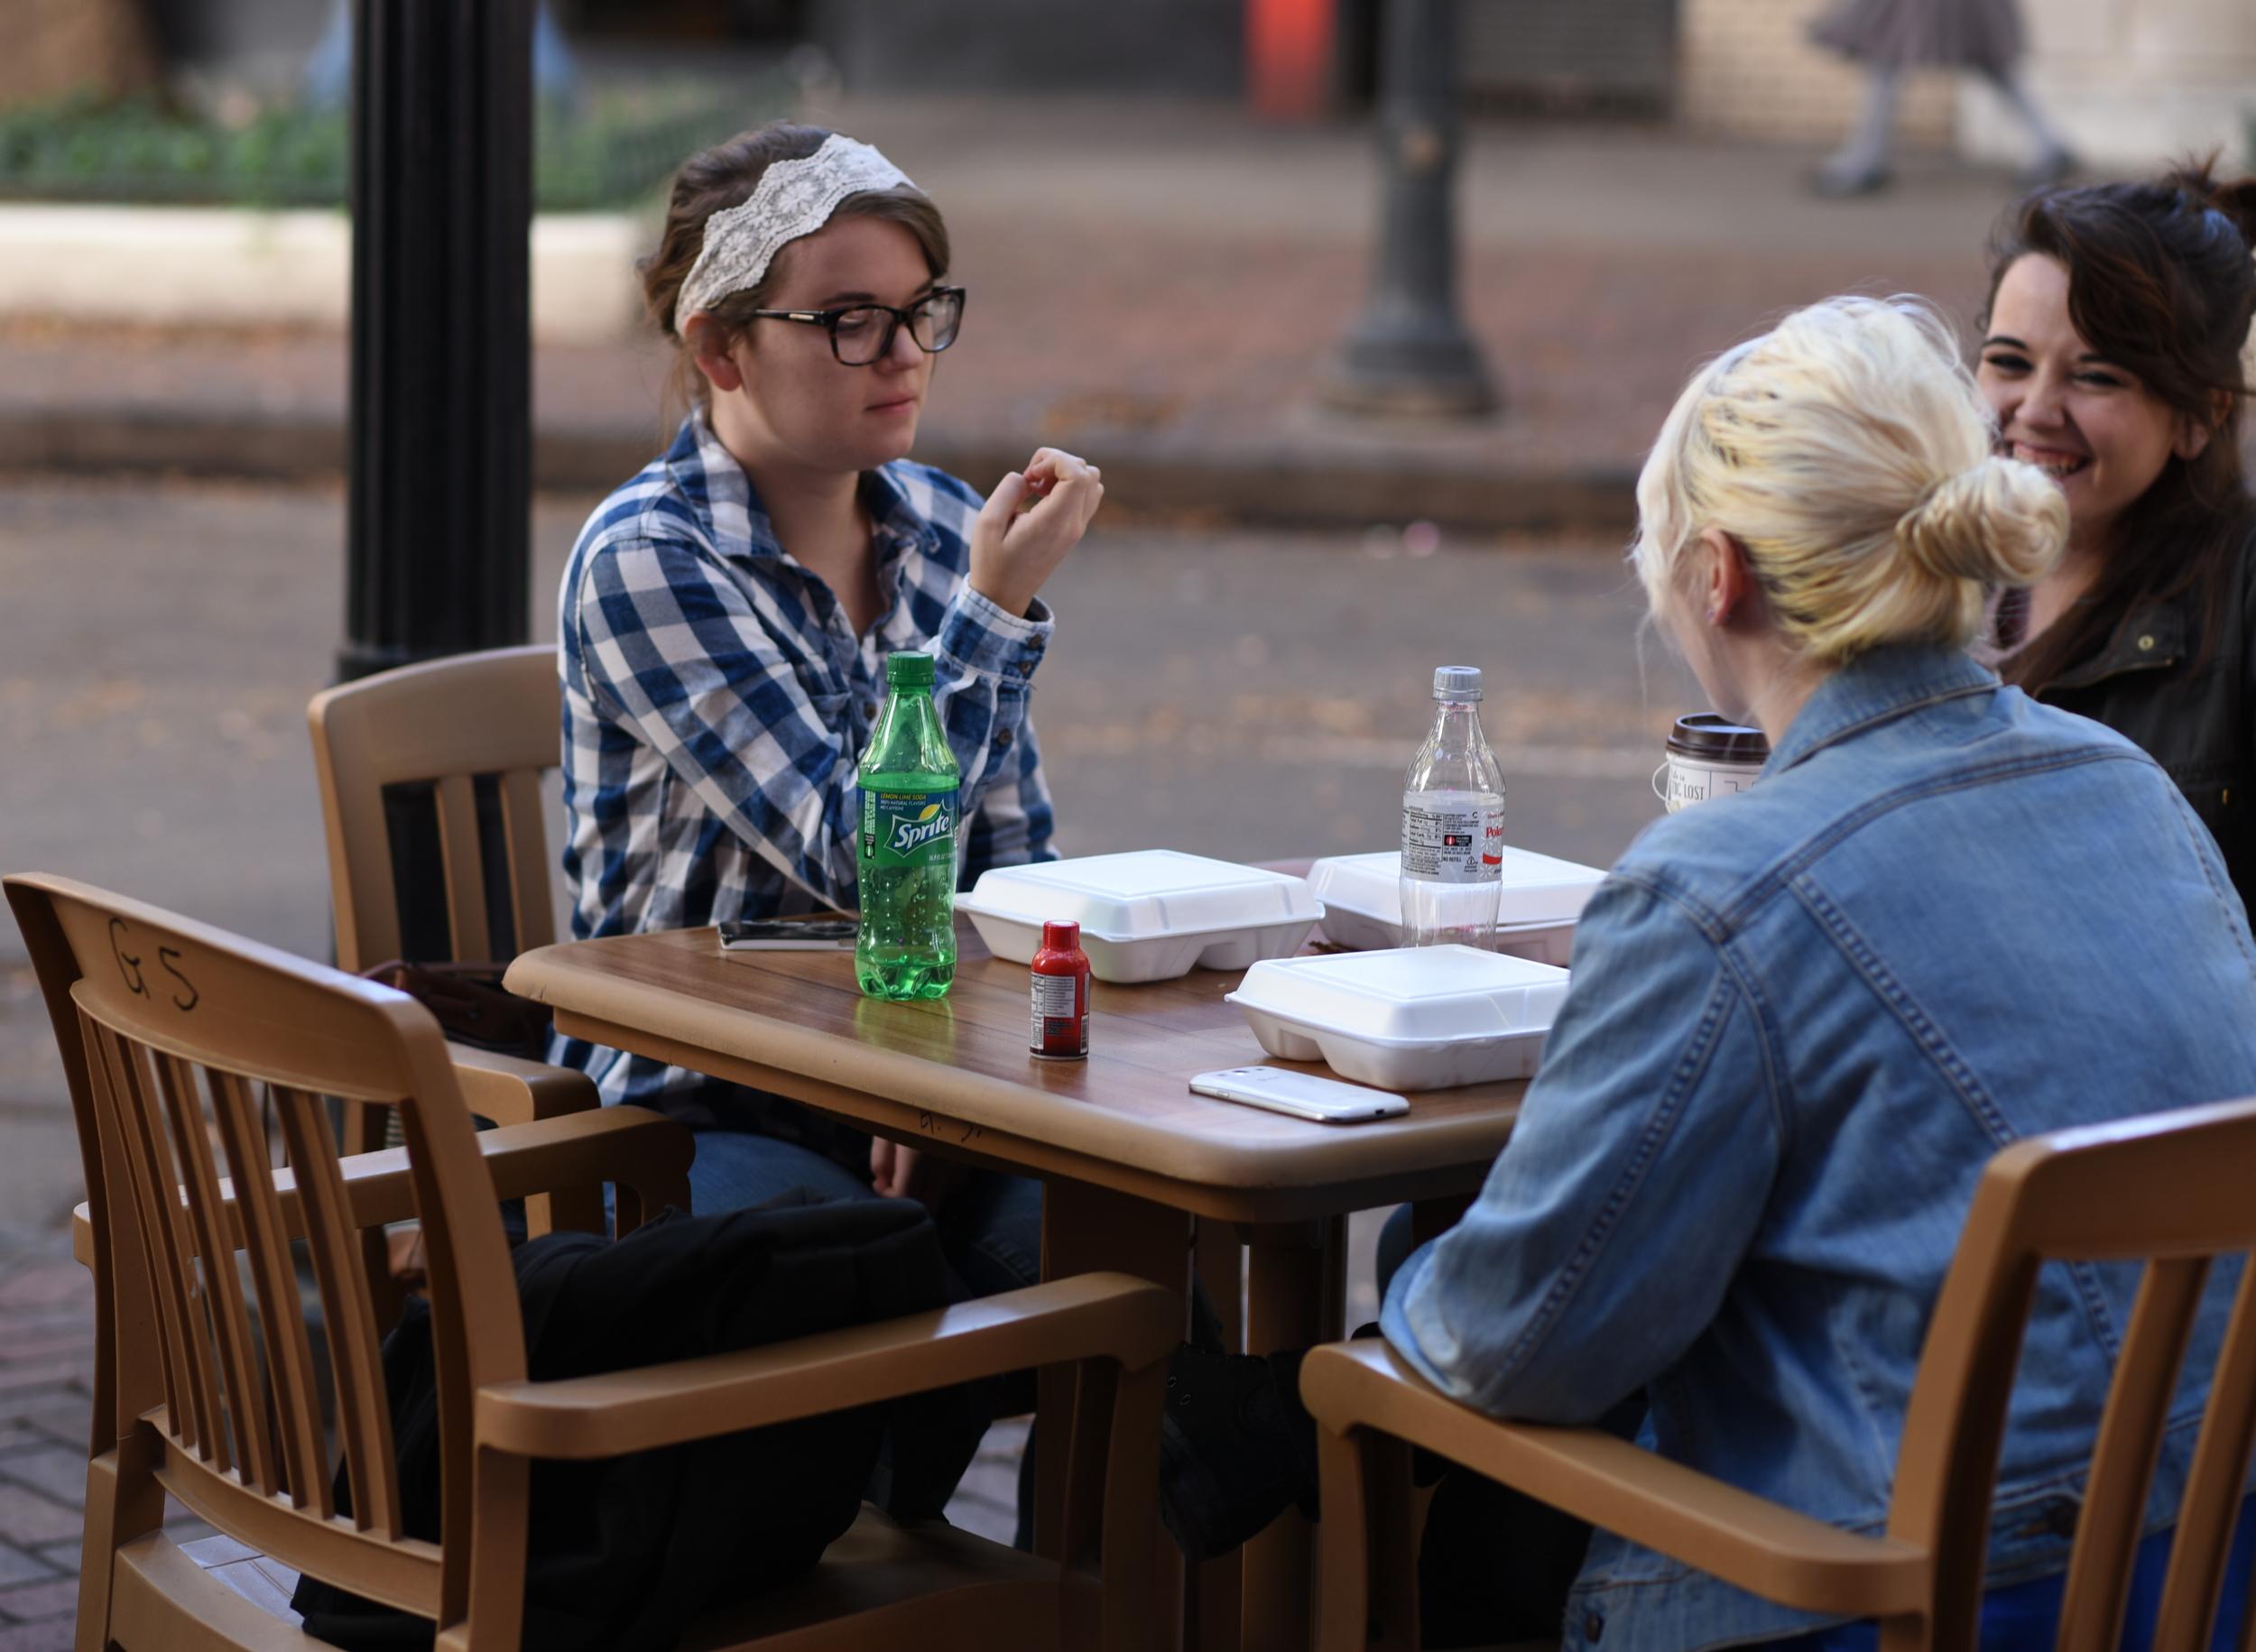 girls-at-lunch.jpg